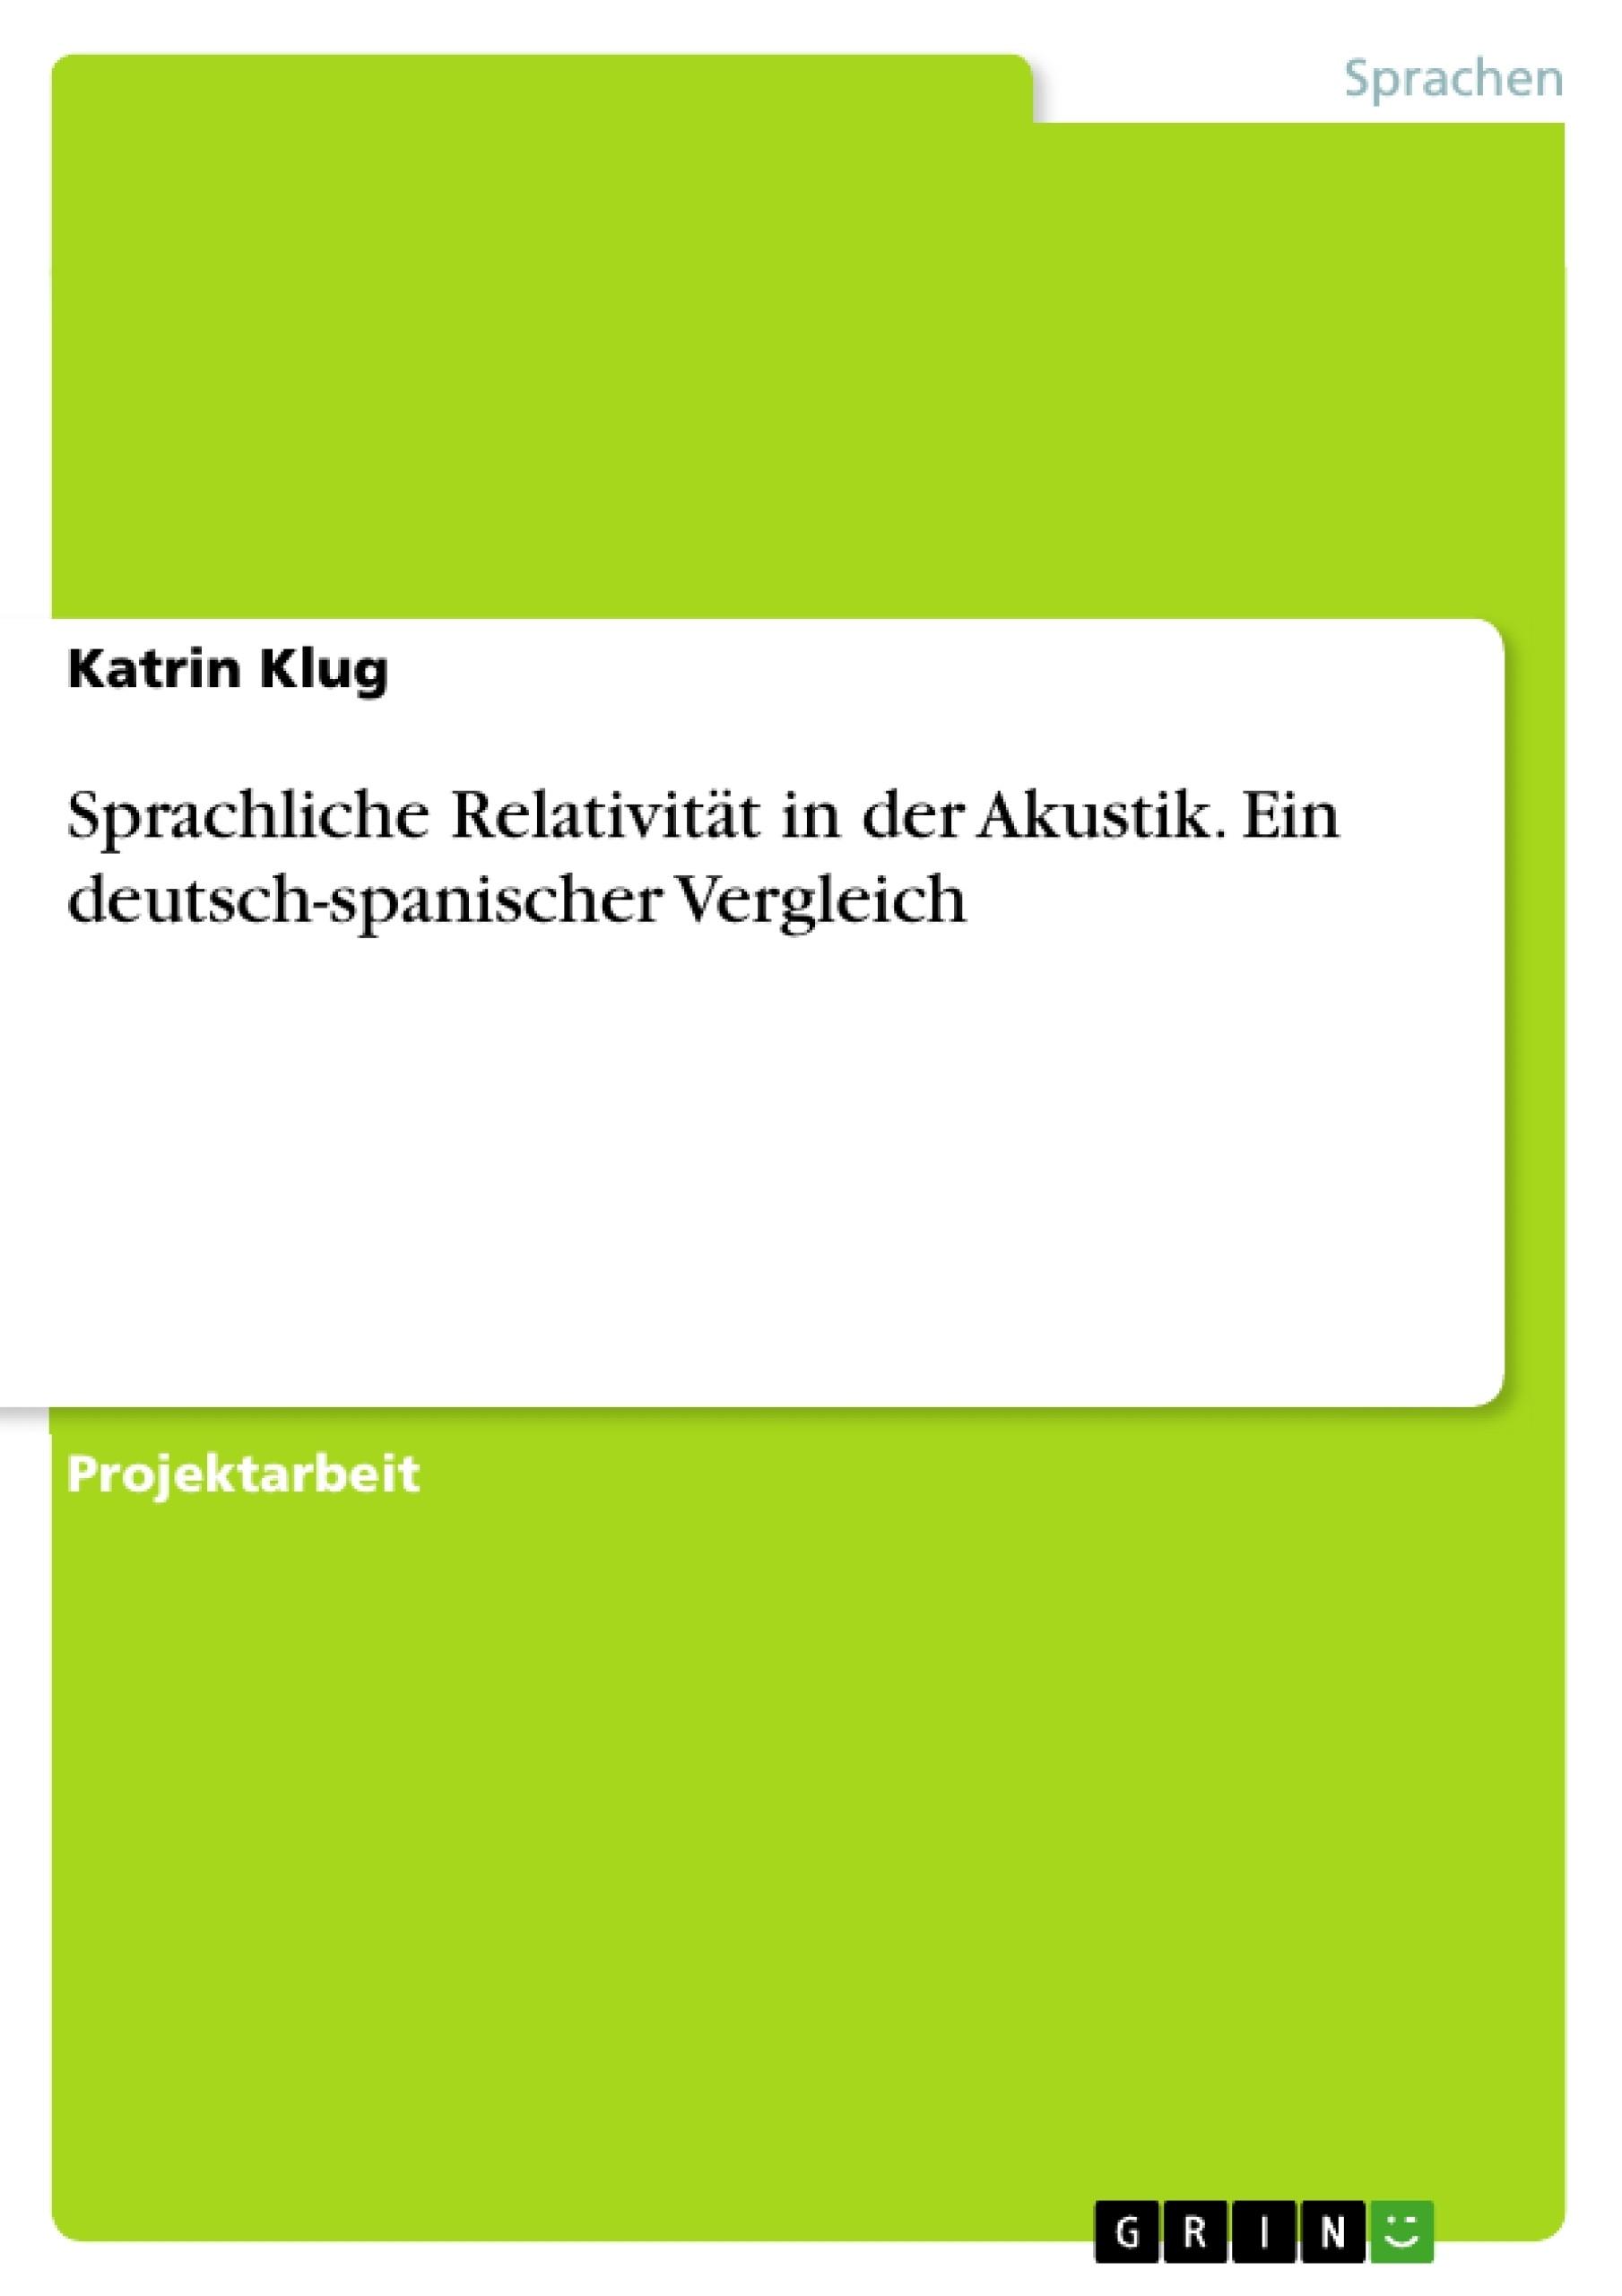 Titel: Sprachliche Relativität in der Akustik. Ein deutsch-spanischer Vergleich